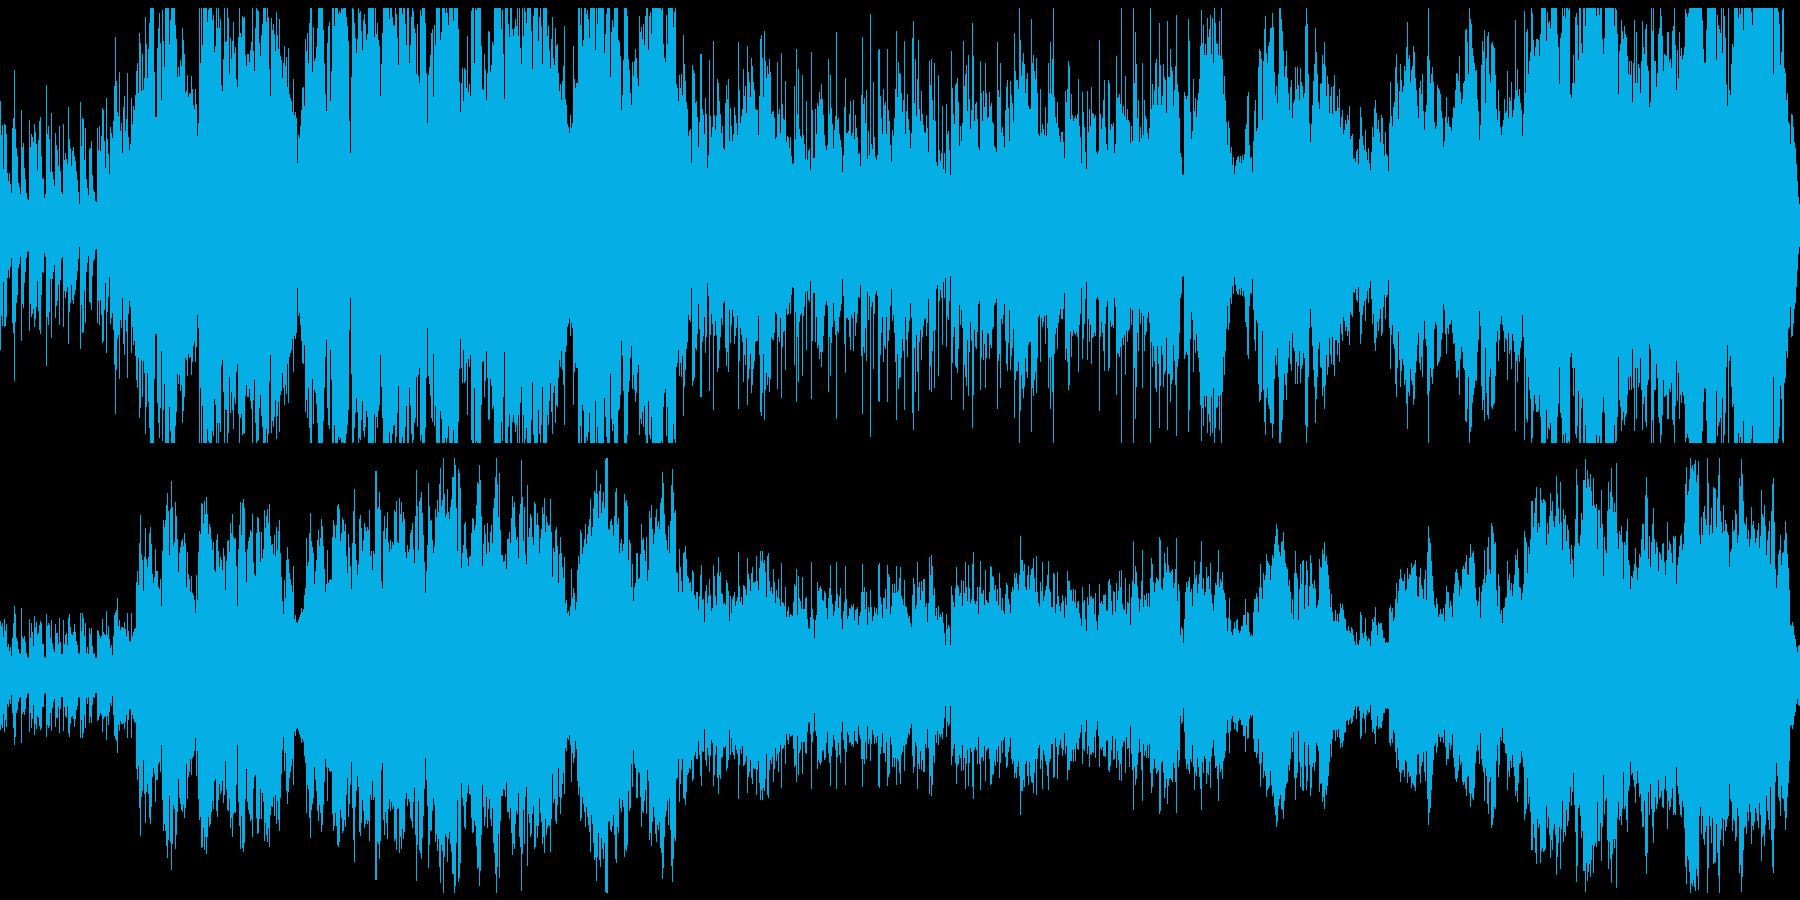 冒険/わくわく/期待/希望/オーケストラの再生済みの波形